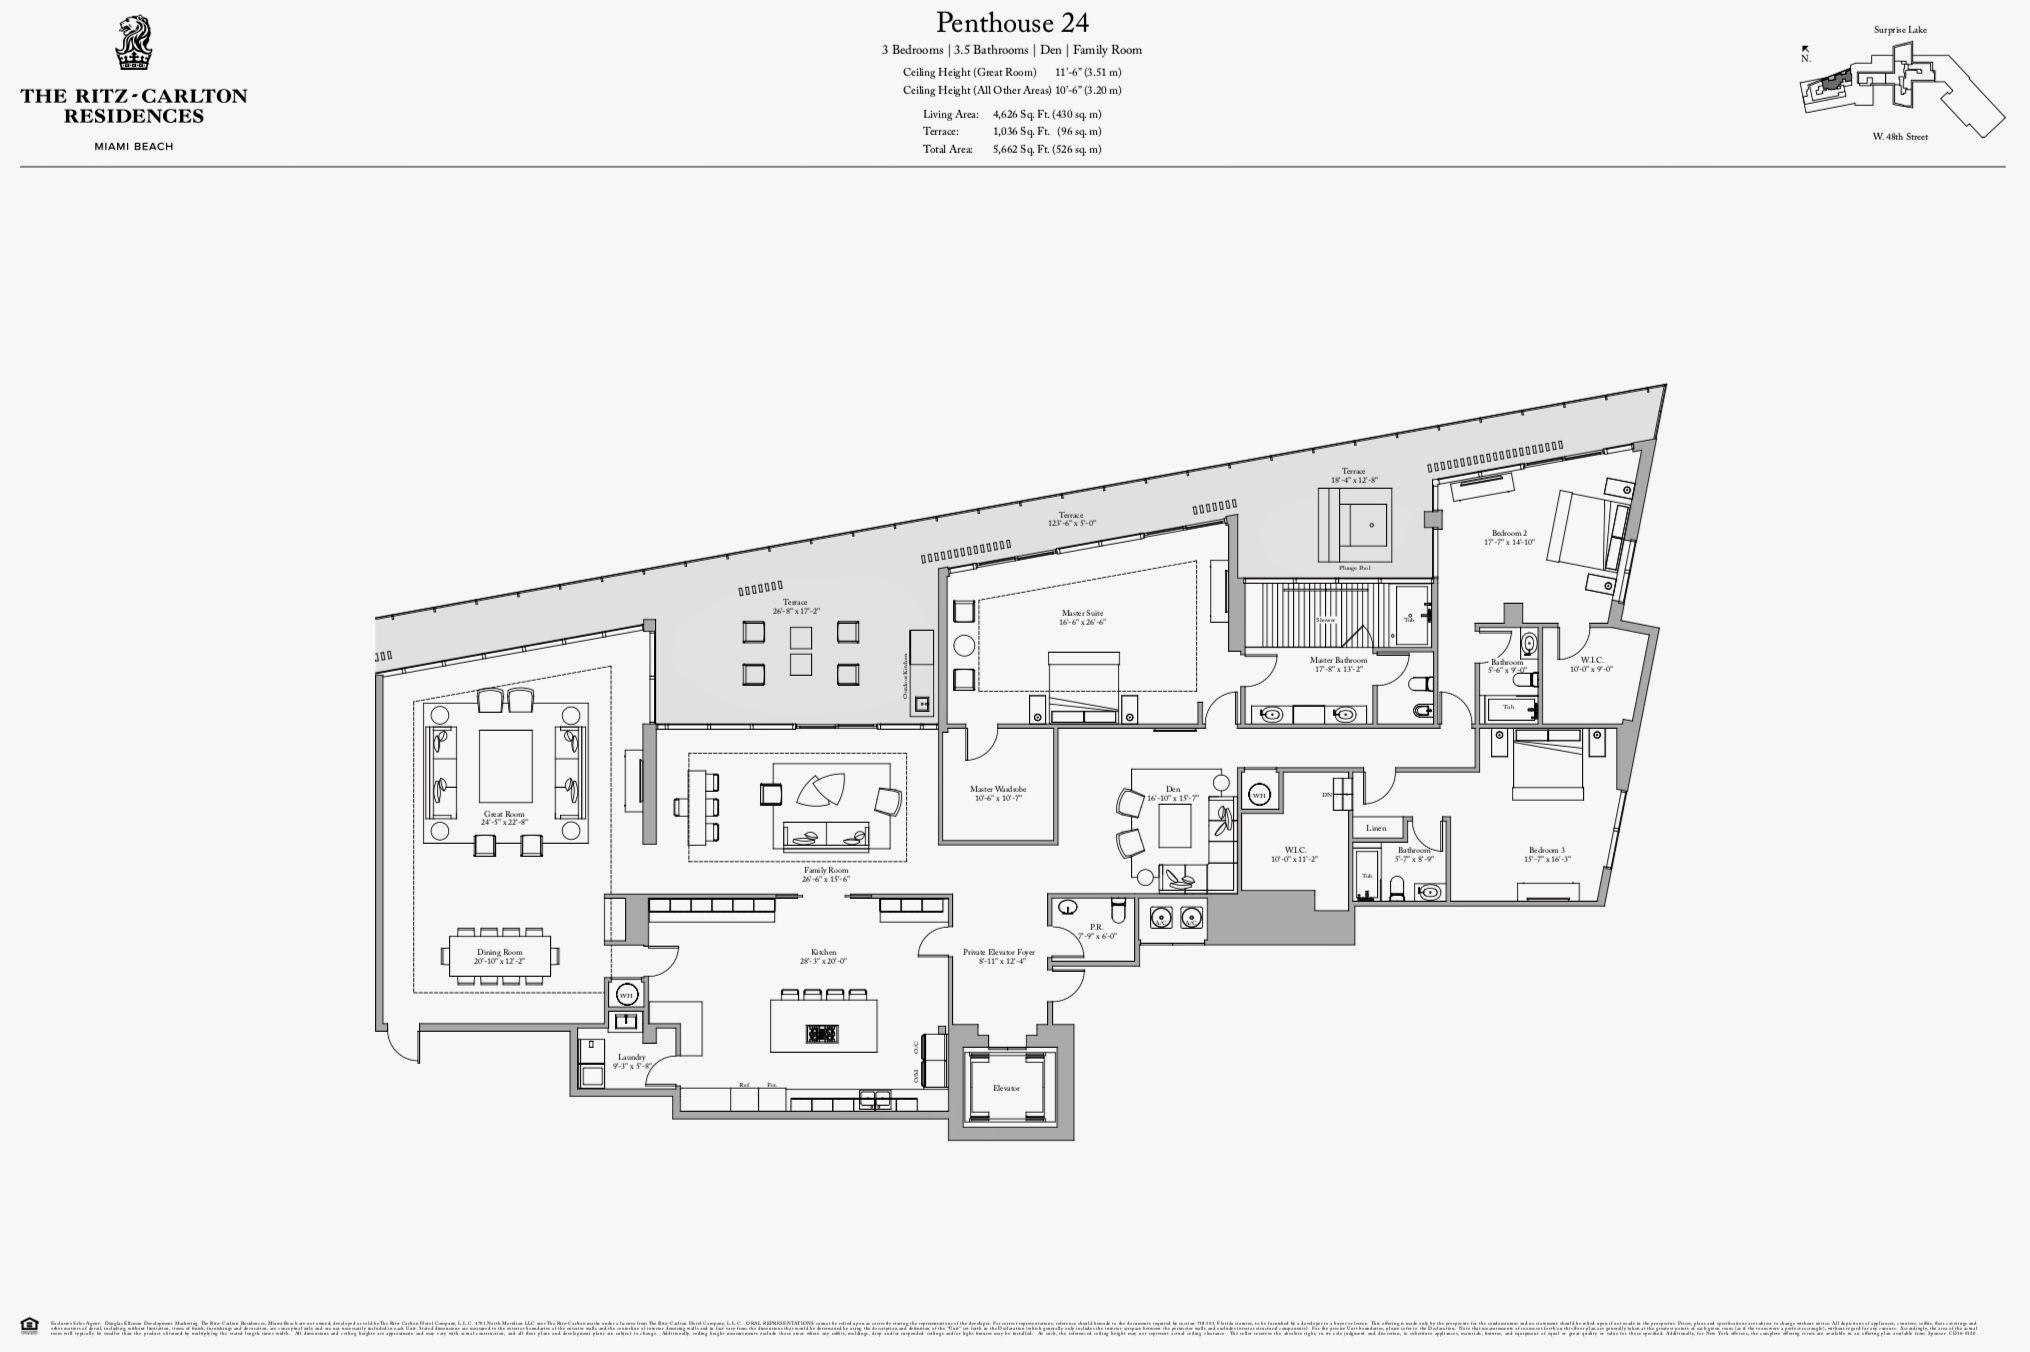 The Ritz Carlton Residences Miami Beach Penthouse 24 Luxury Floor Plans Miami Beach Condo Miami Penthouse